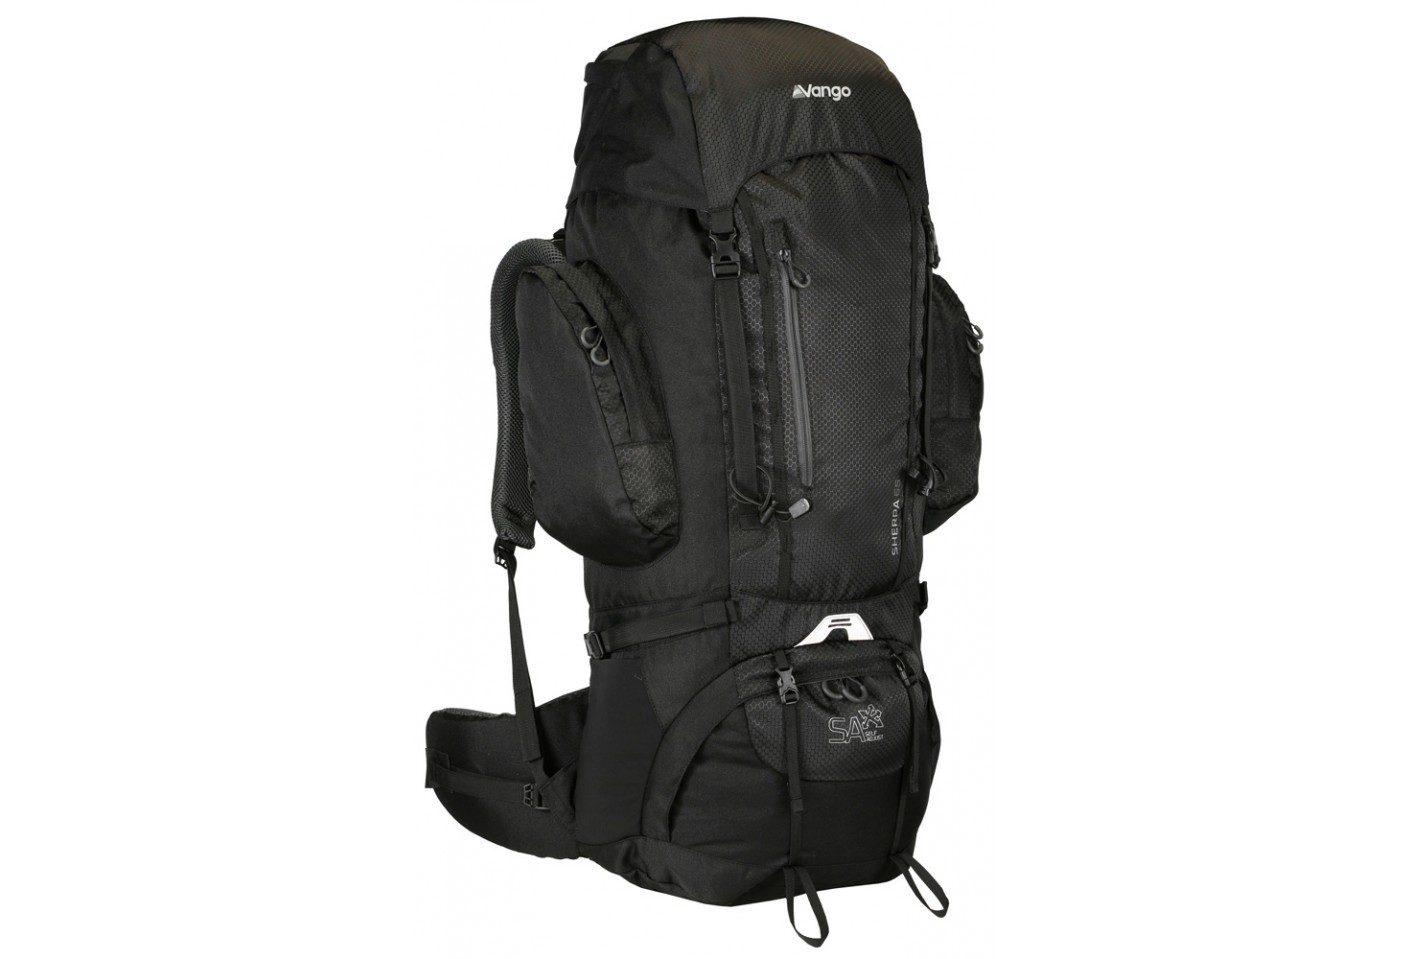 Vango Sherpa 65 rucksack Black